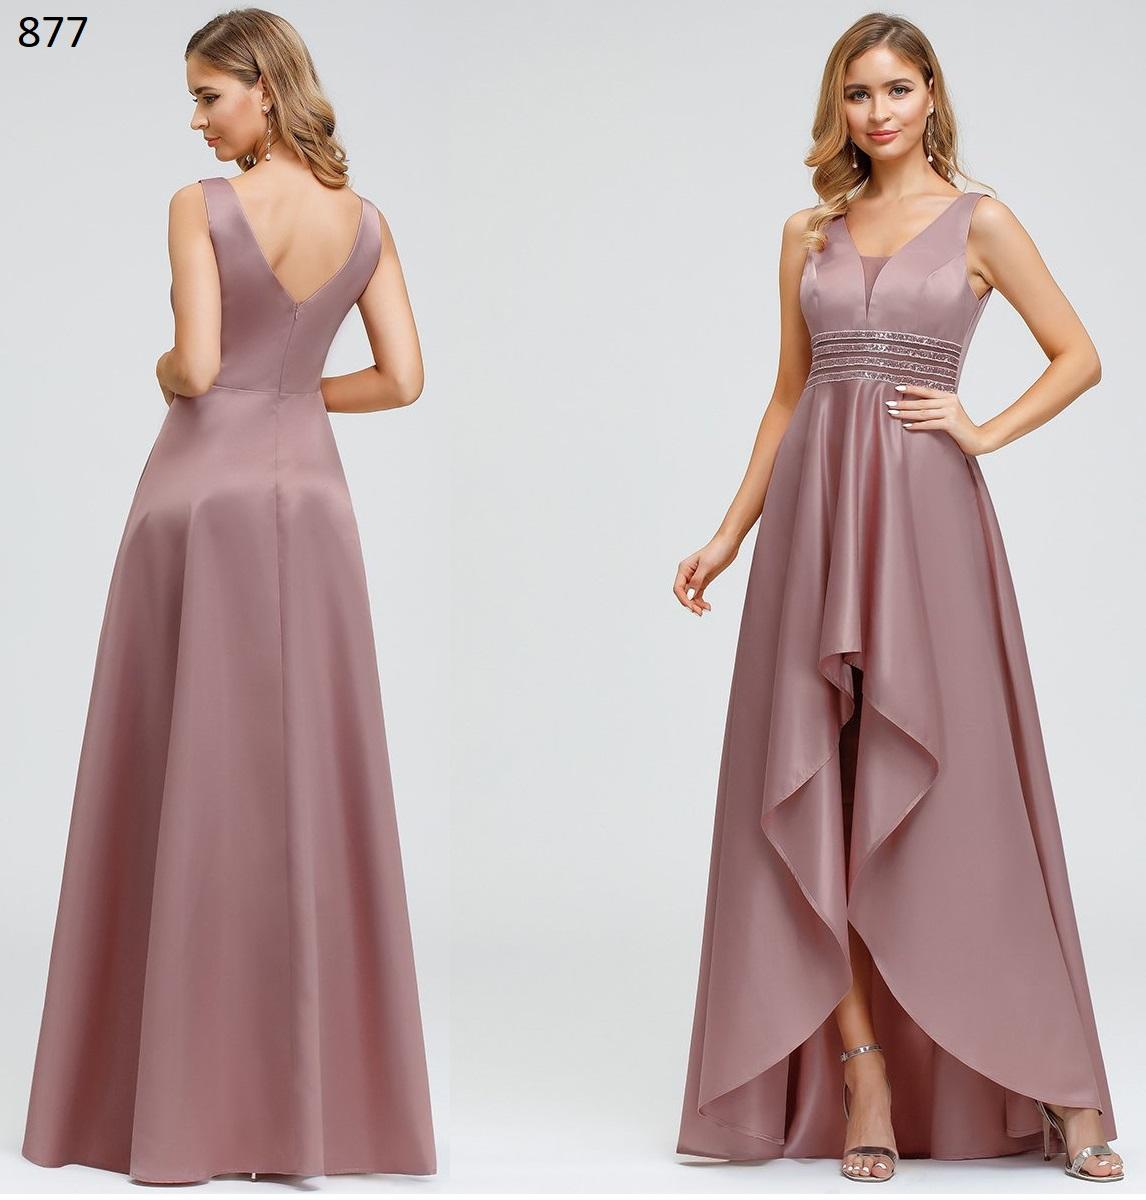 Vestido Largo 877 talla 38